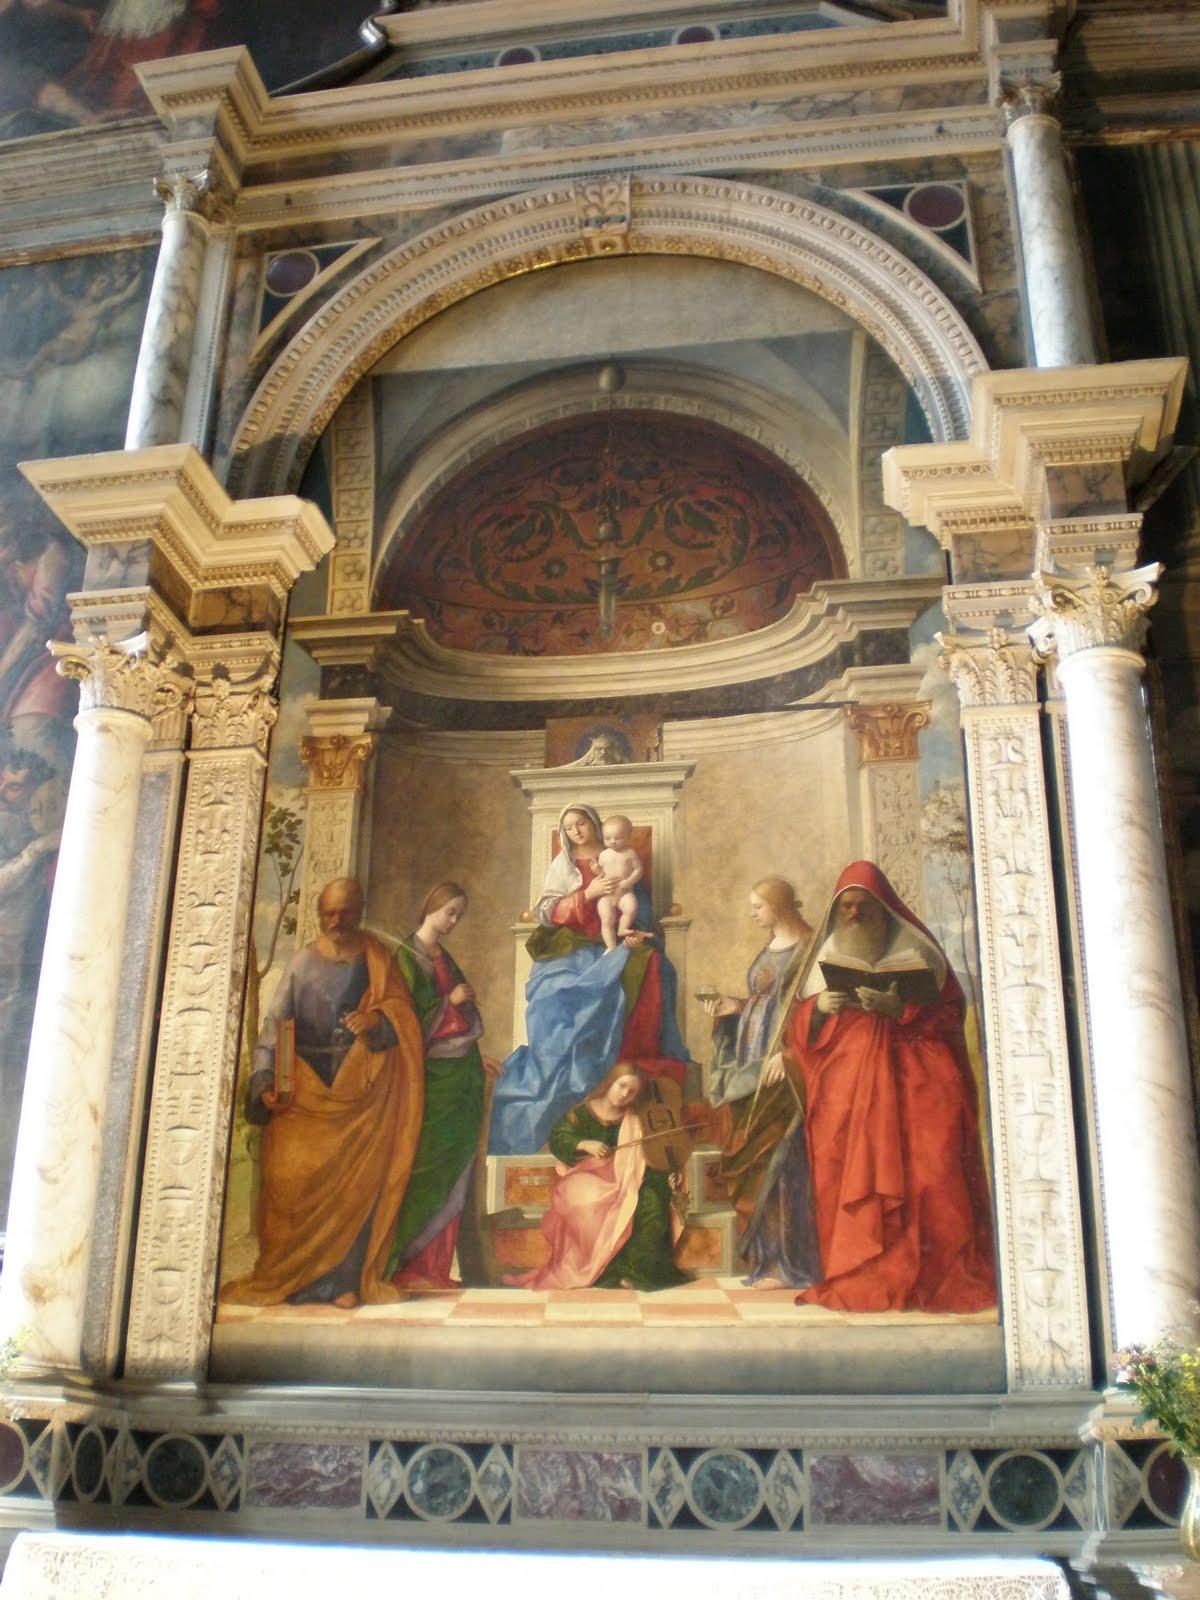 Venezia: La Madonna col bambino, santi ed un angelo misicante: venezia-emilia.blogspot.it/2011/02/la-madonna-col-bambino-santi-ed...